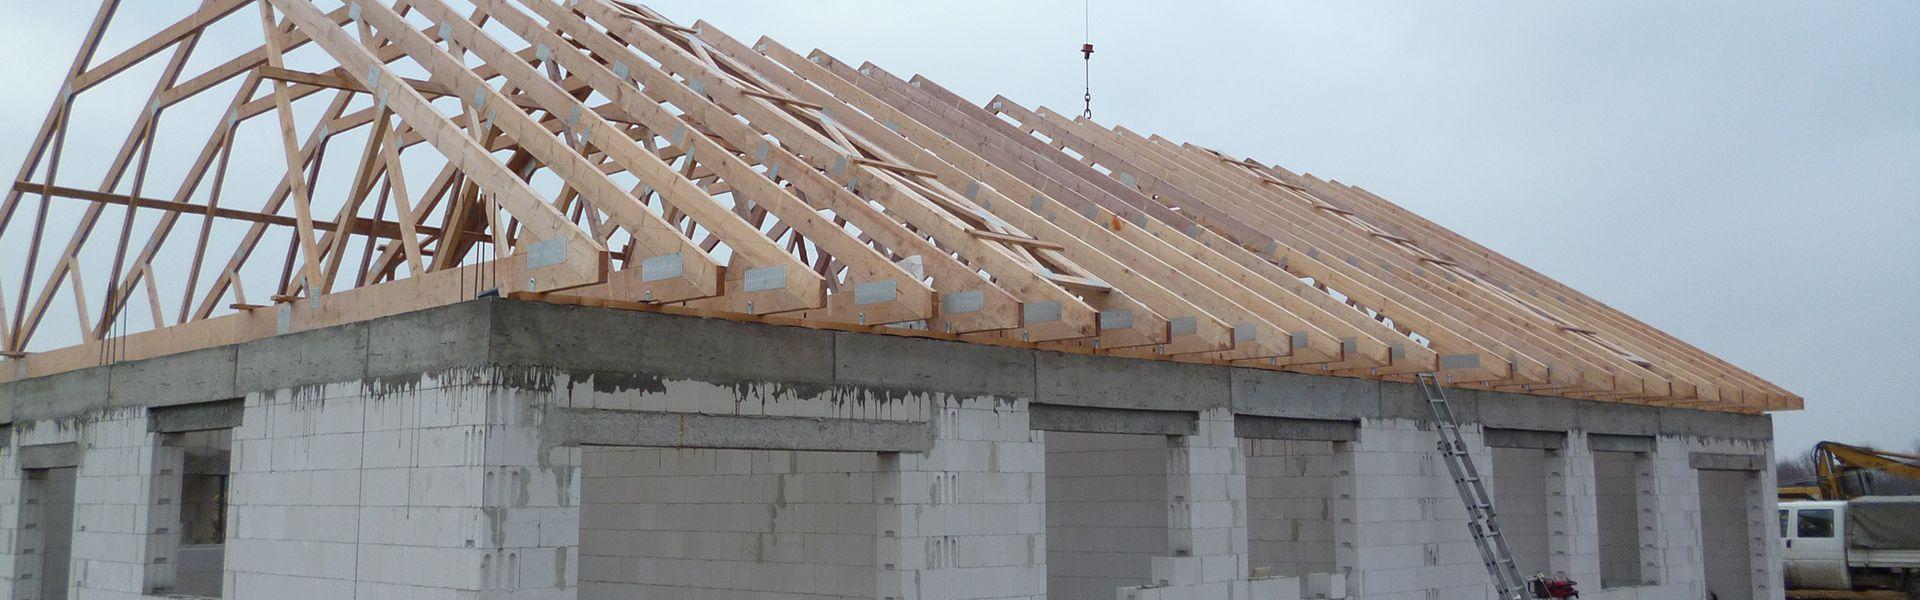 2-wiazary-dachowe-lodz-konstrukcje-dachowe-kratownice-dachowe-dzwigar-dachowy